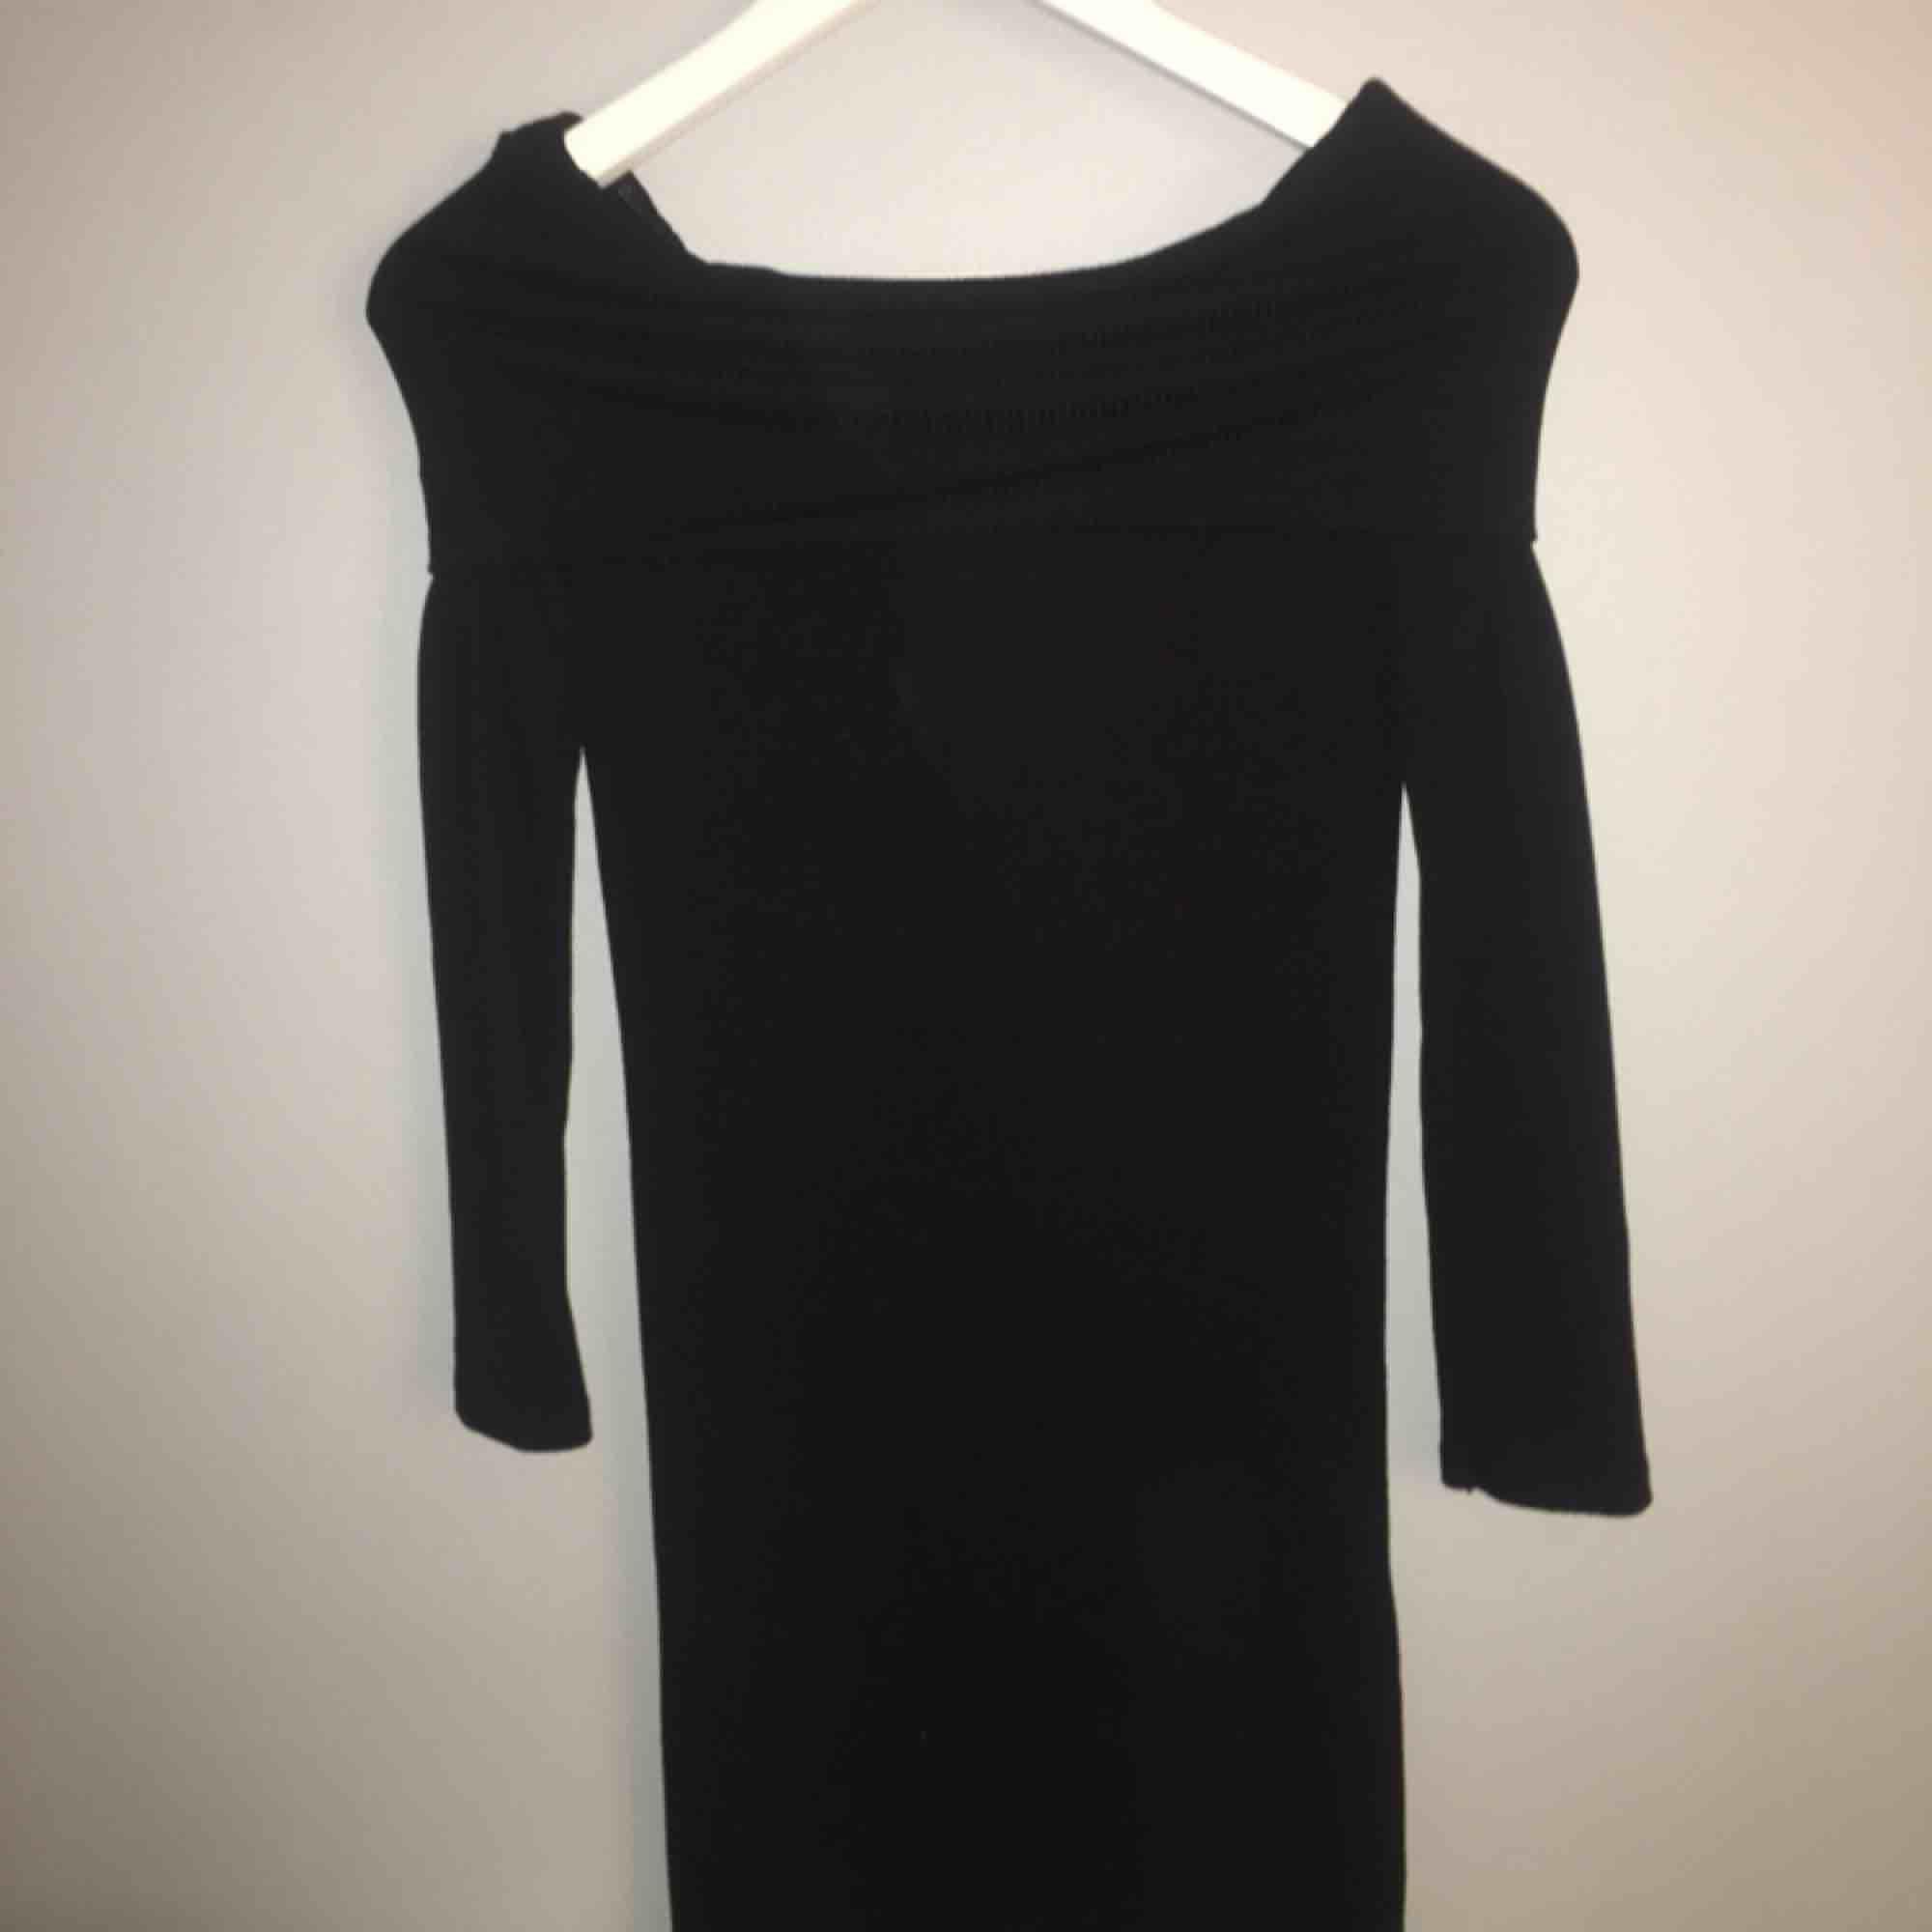 off shoulder klänning i st: XS  Använd en gång  Ink frakt. Klänningar.